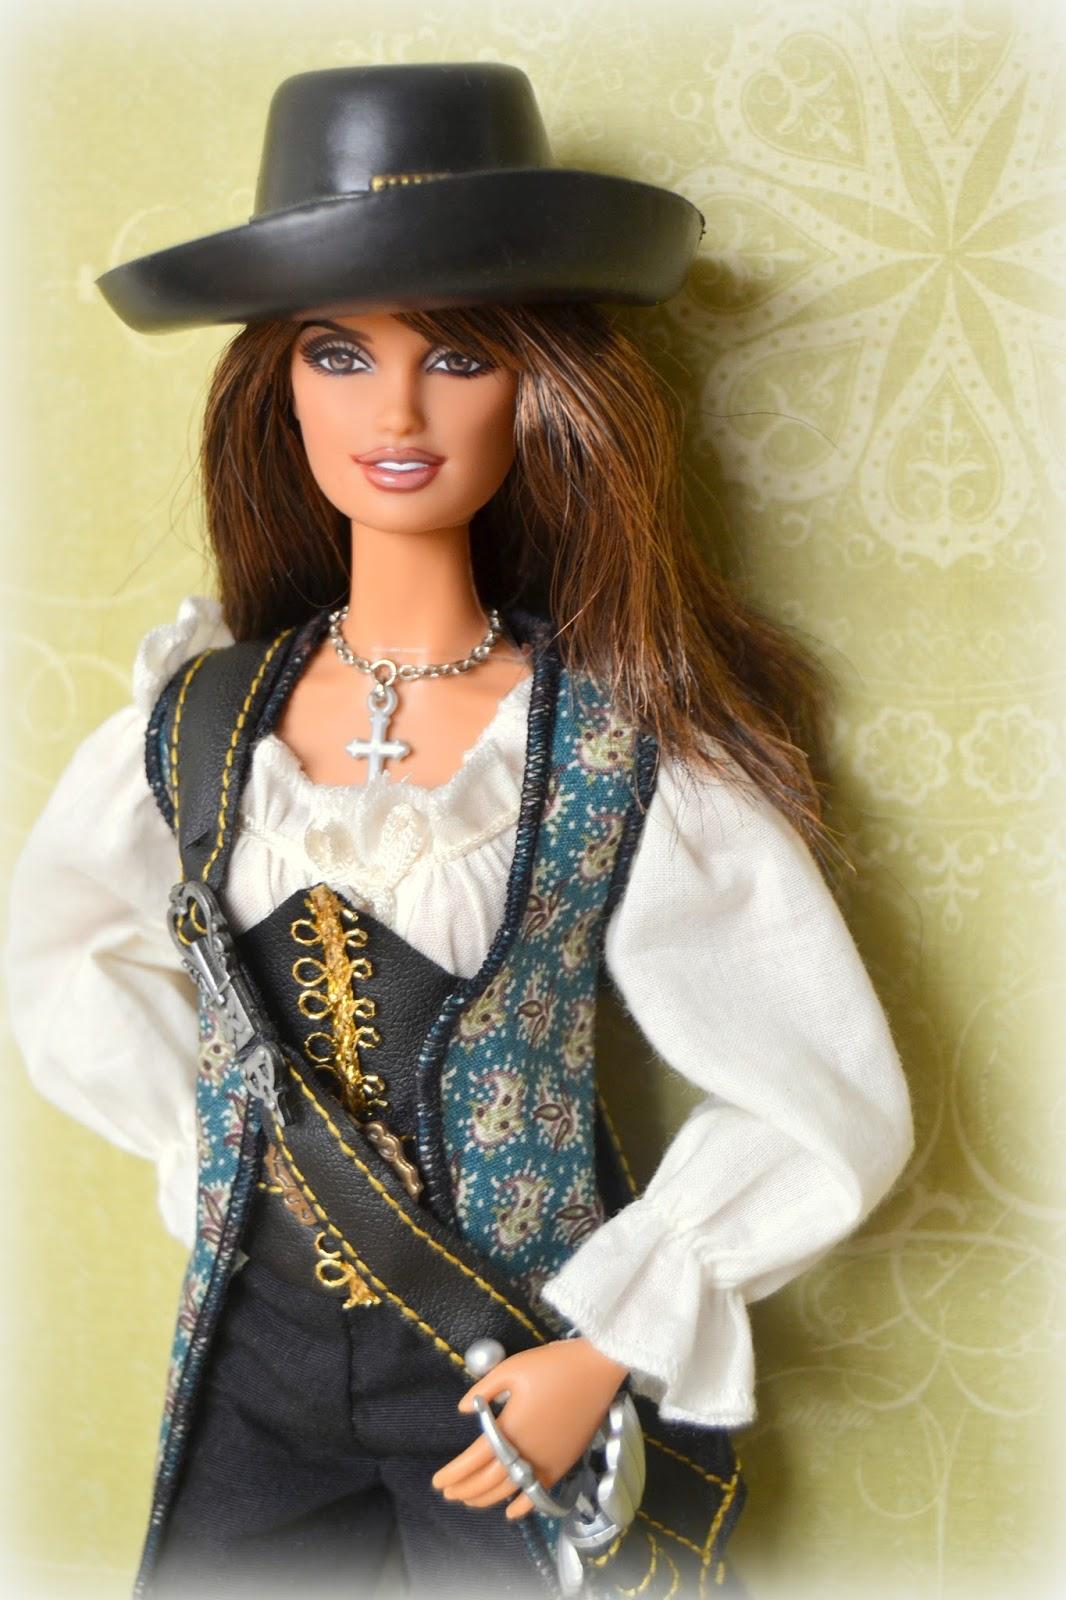 Barbie Angelica de Piratas del Caribe. Penélope Cruz. Cuerpo pivotal.